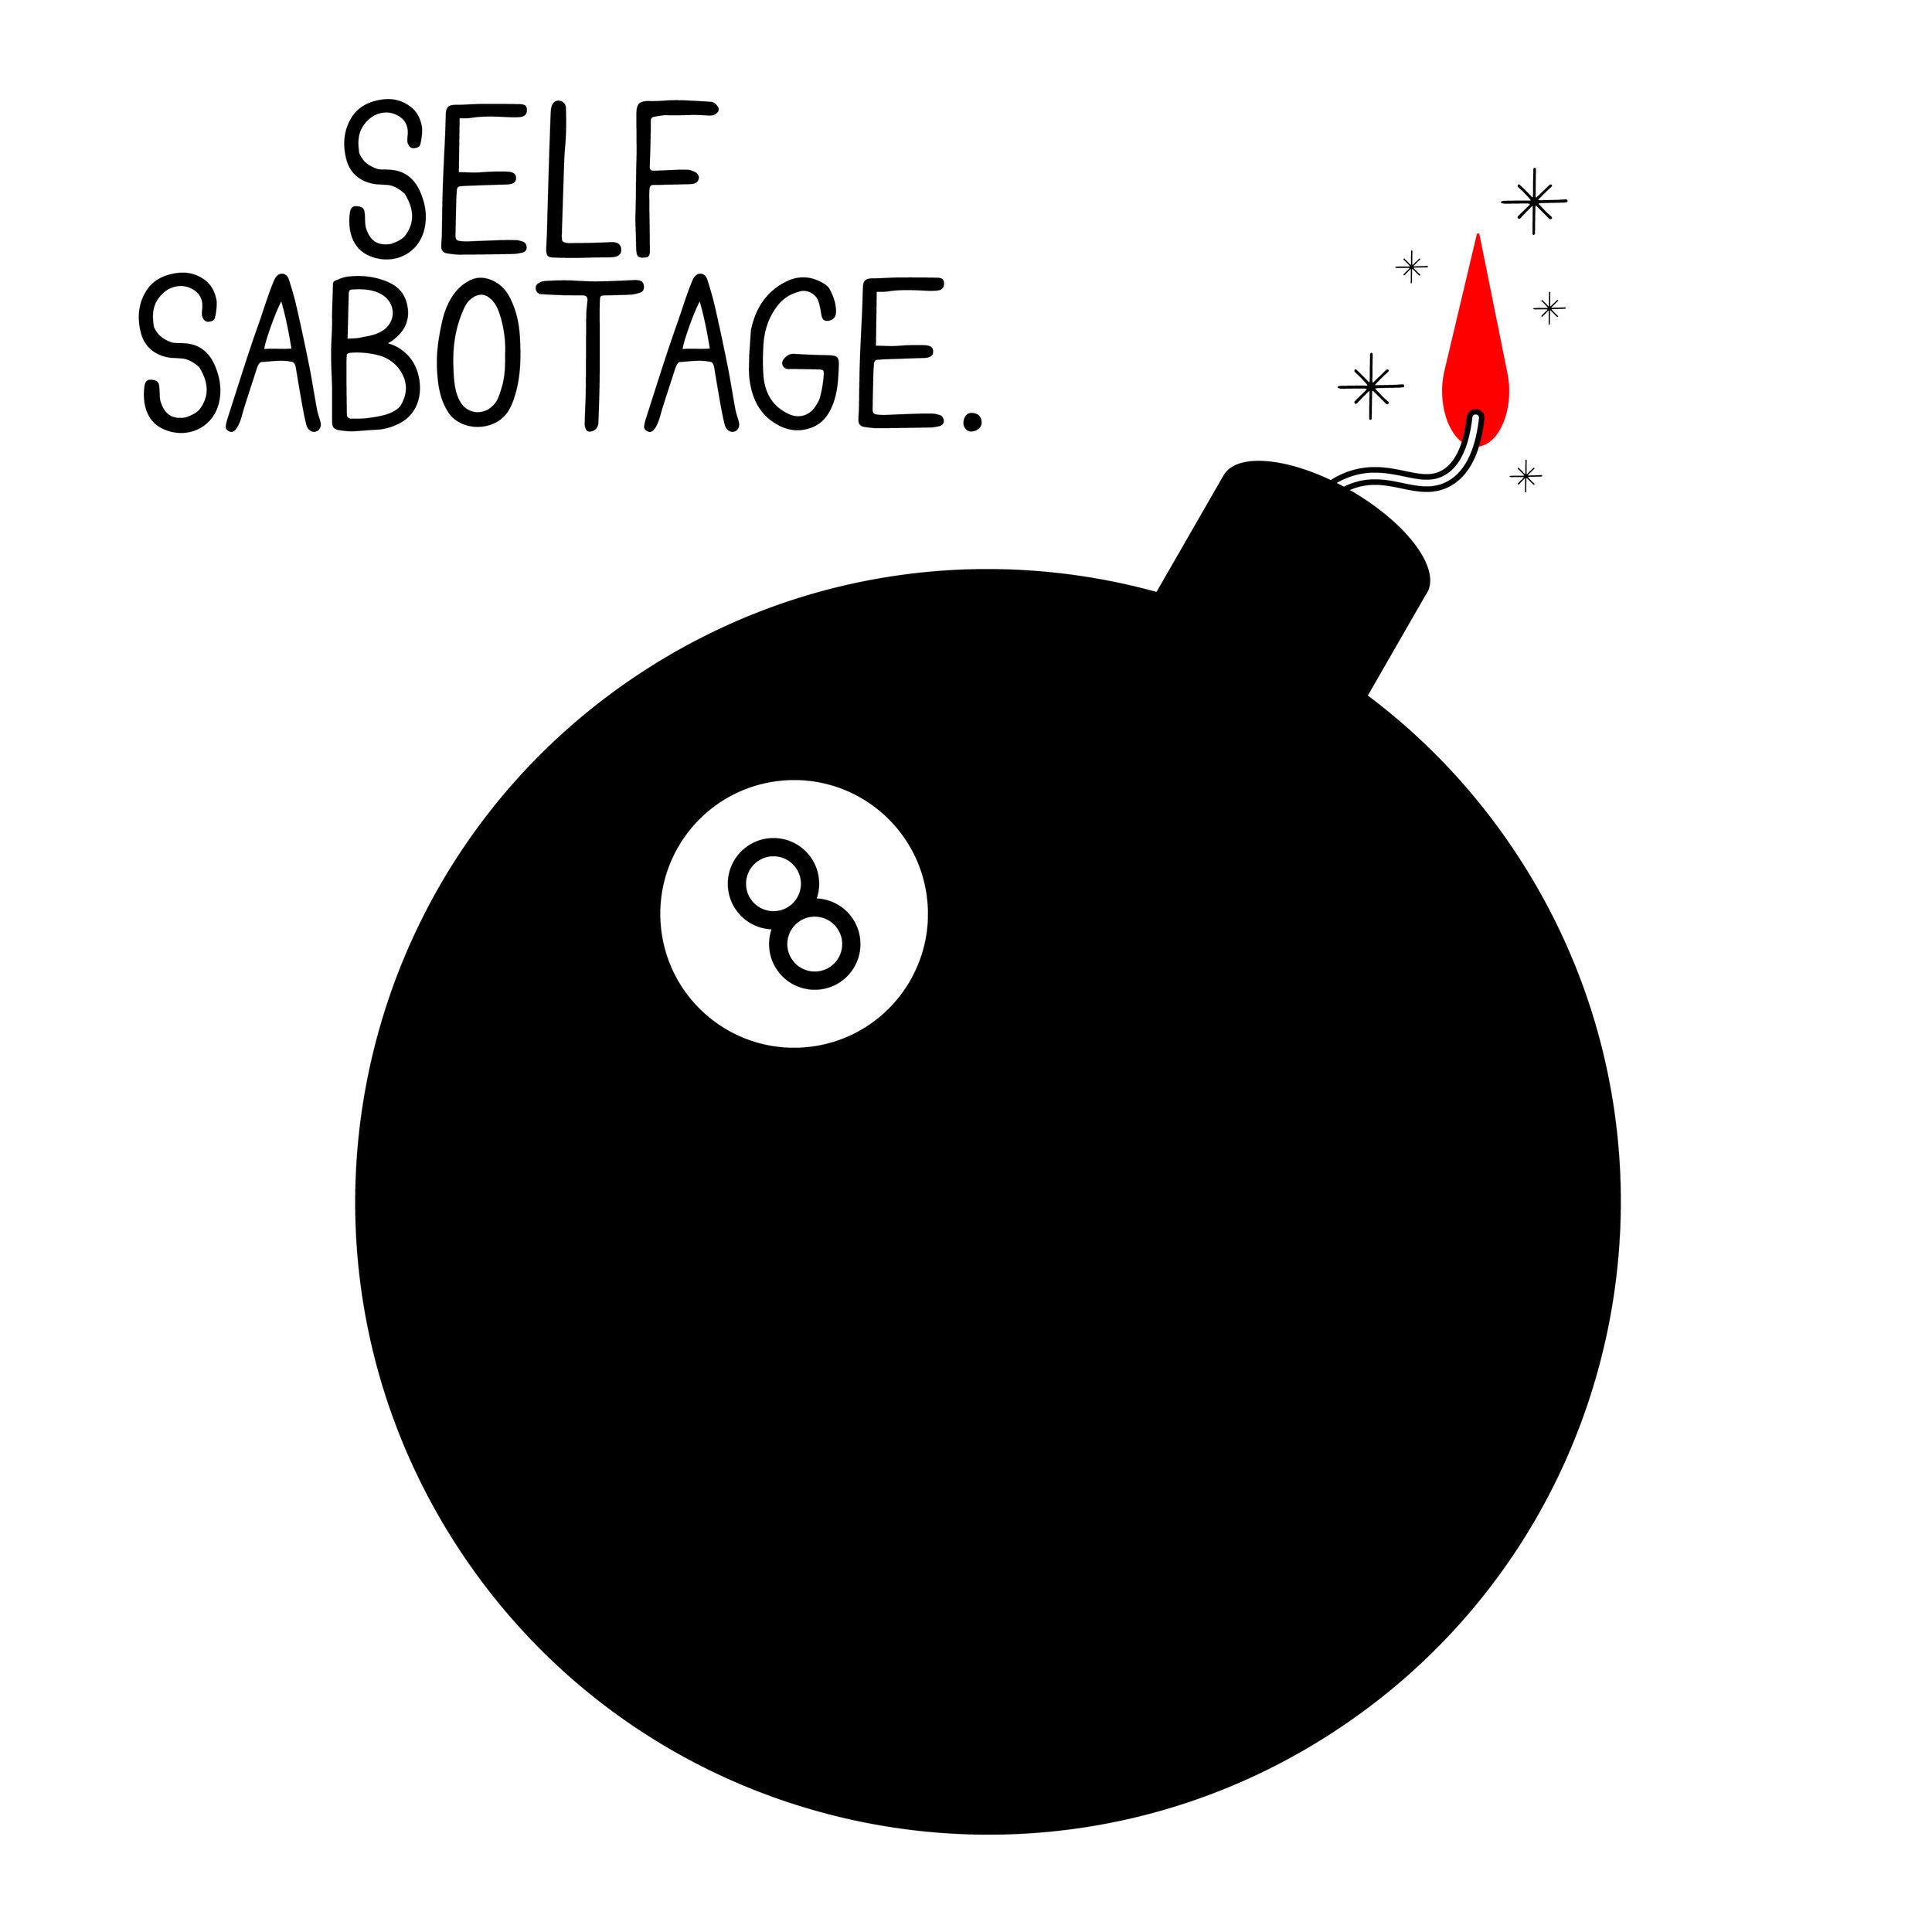 selfsabotage-01.jpg